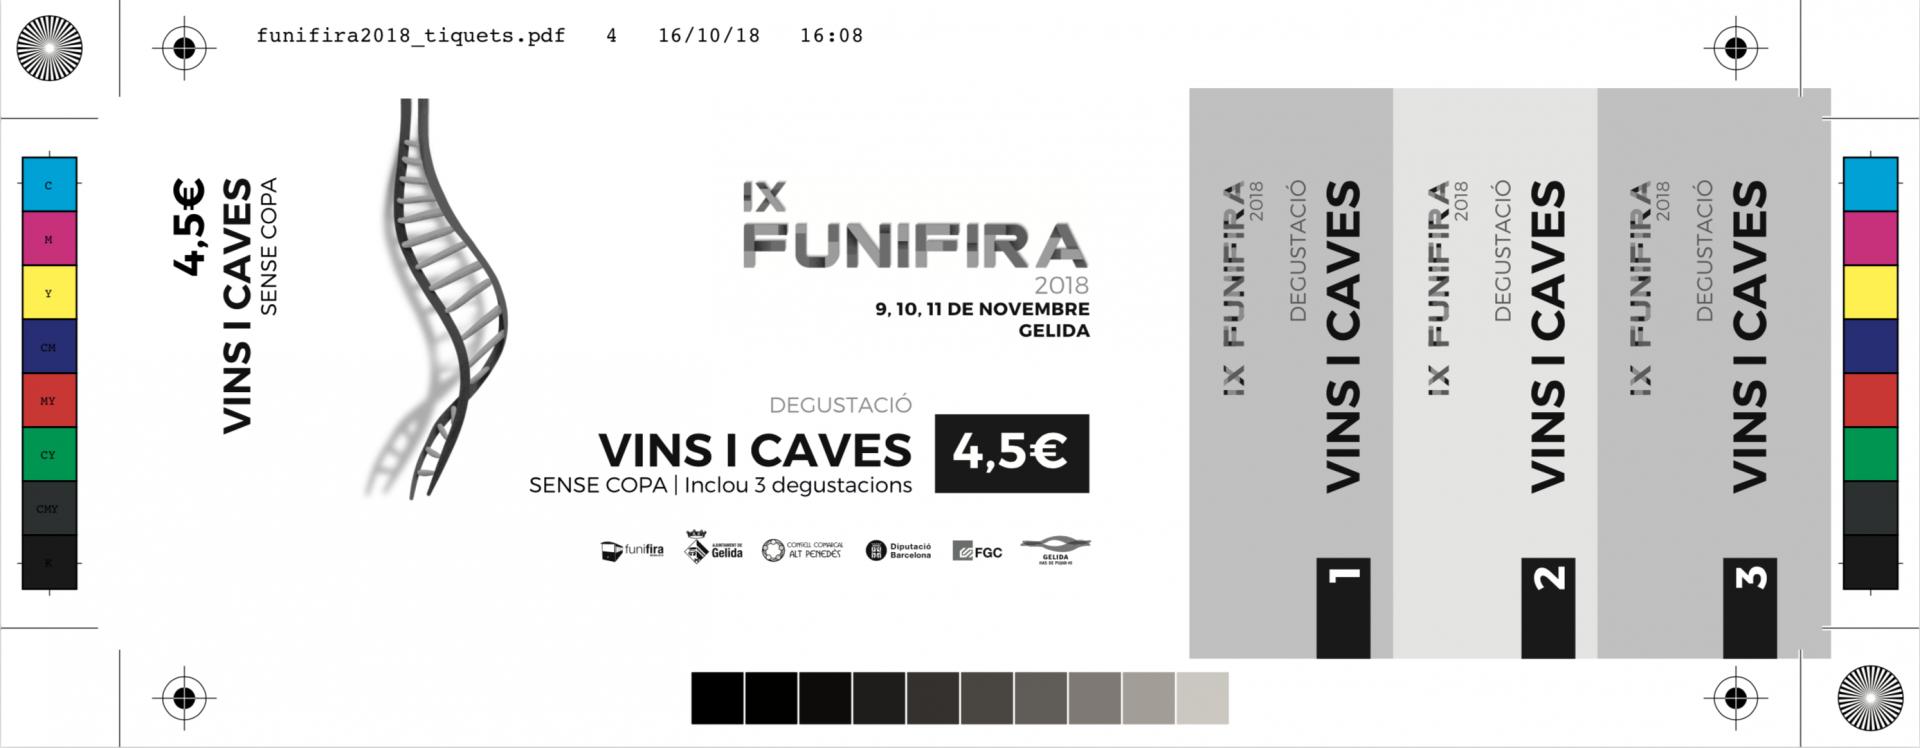 Adaptació del disseny per als tickets de beguda i gastronòmics